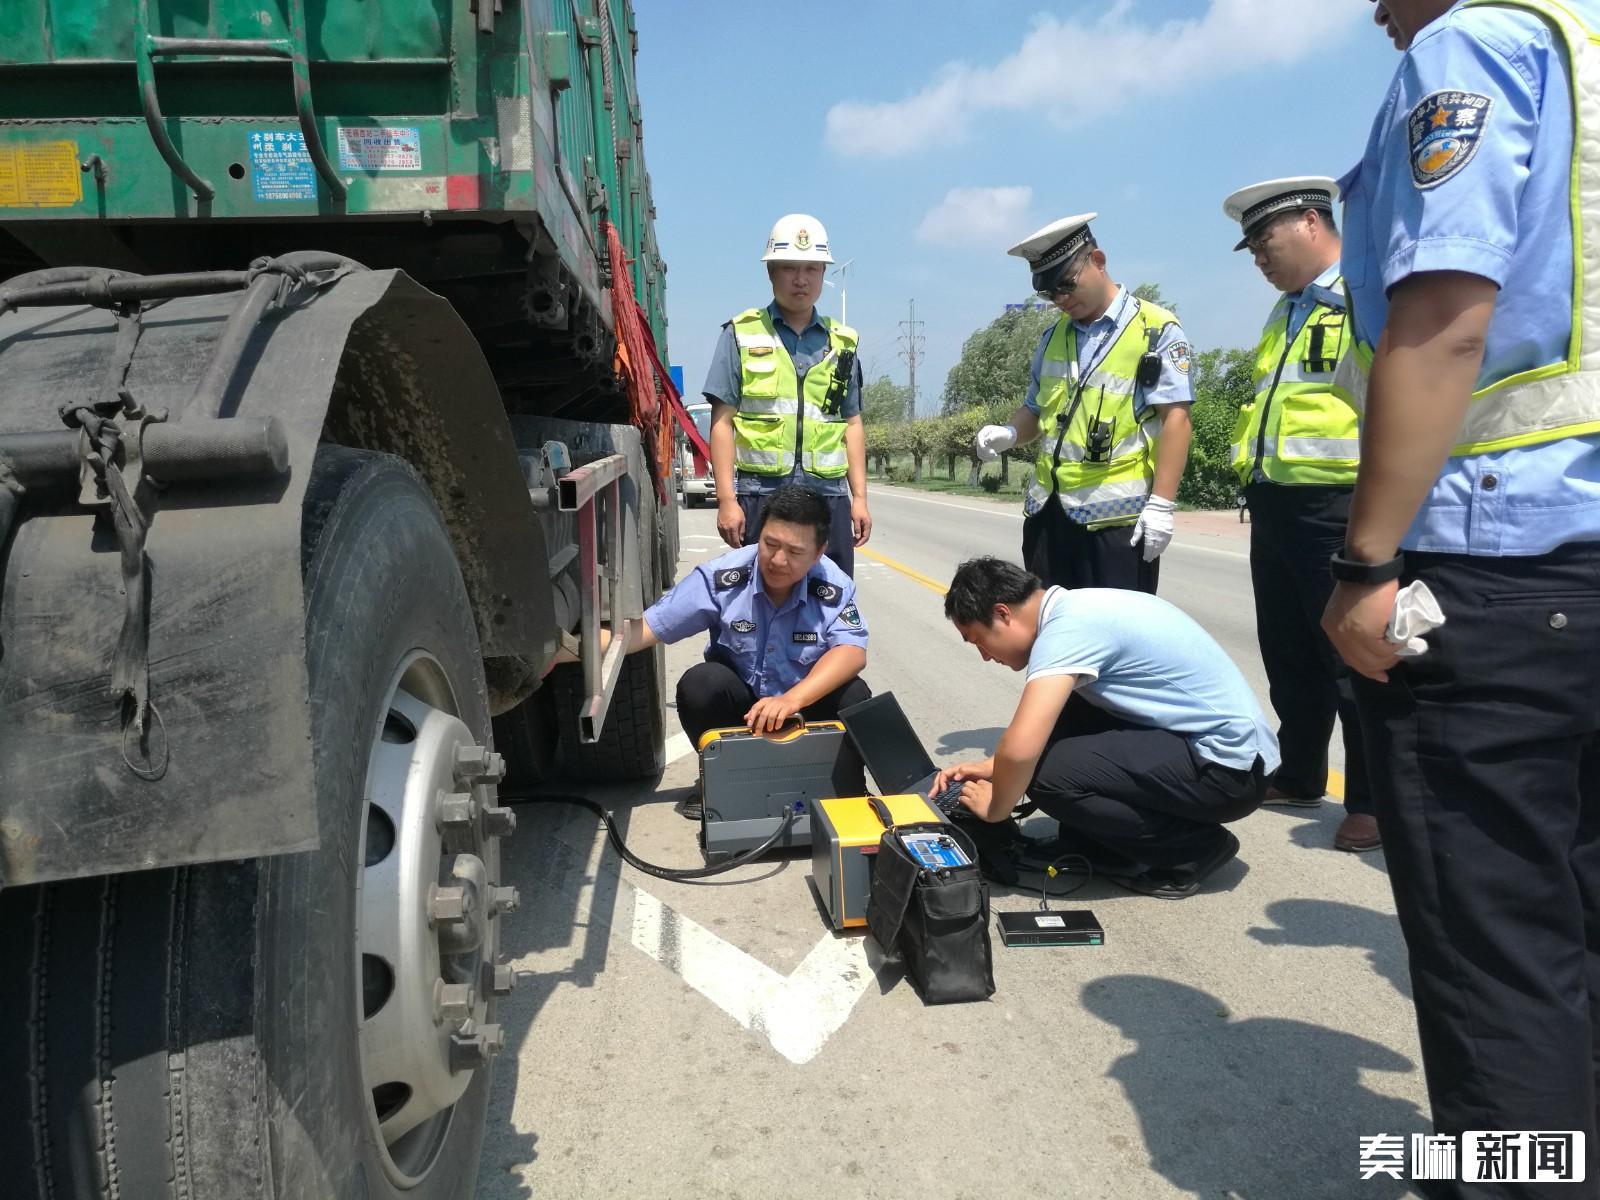 县环保局联合交警队、交通局开展重型柴油车尾气监测,保障空气环境质量。